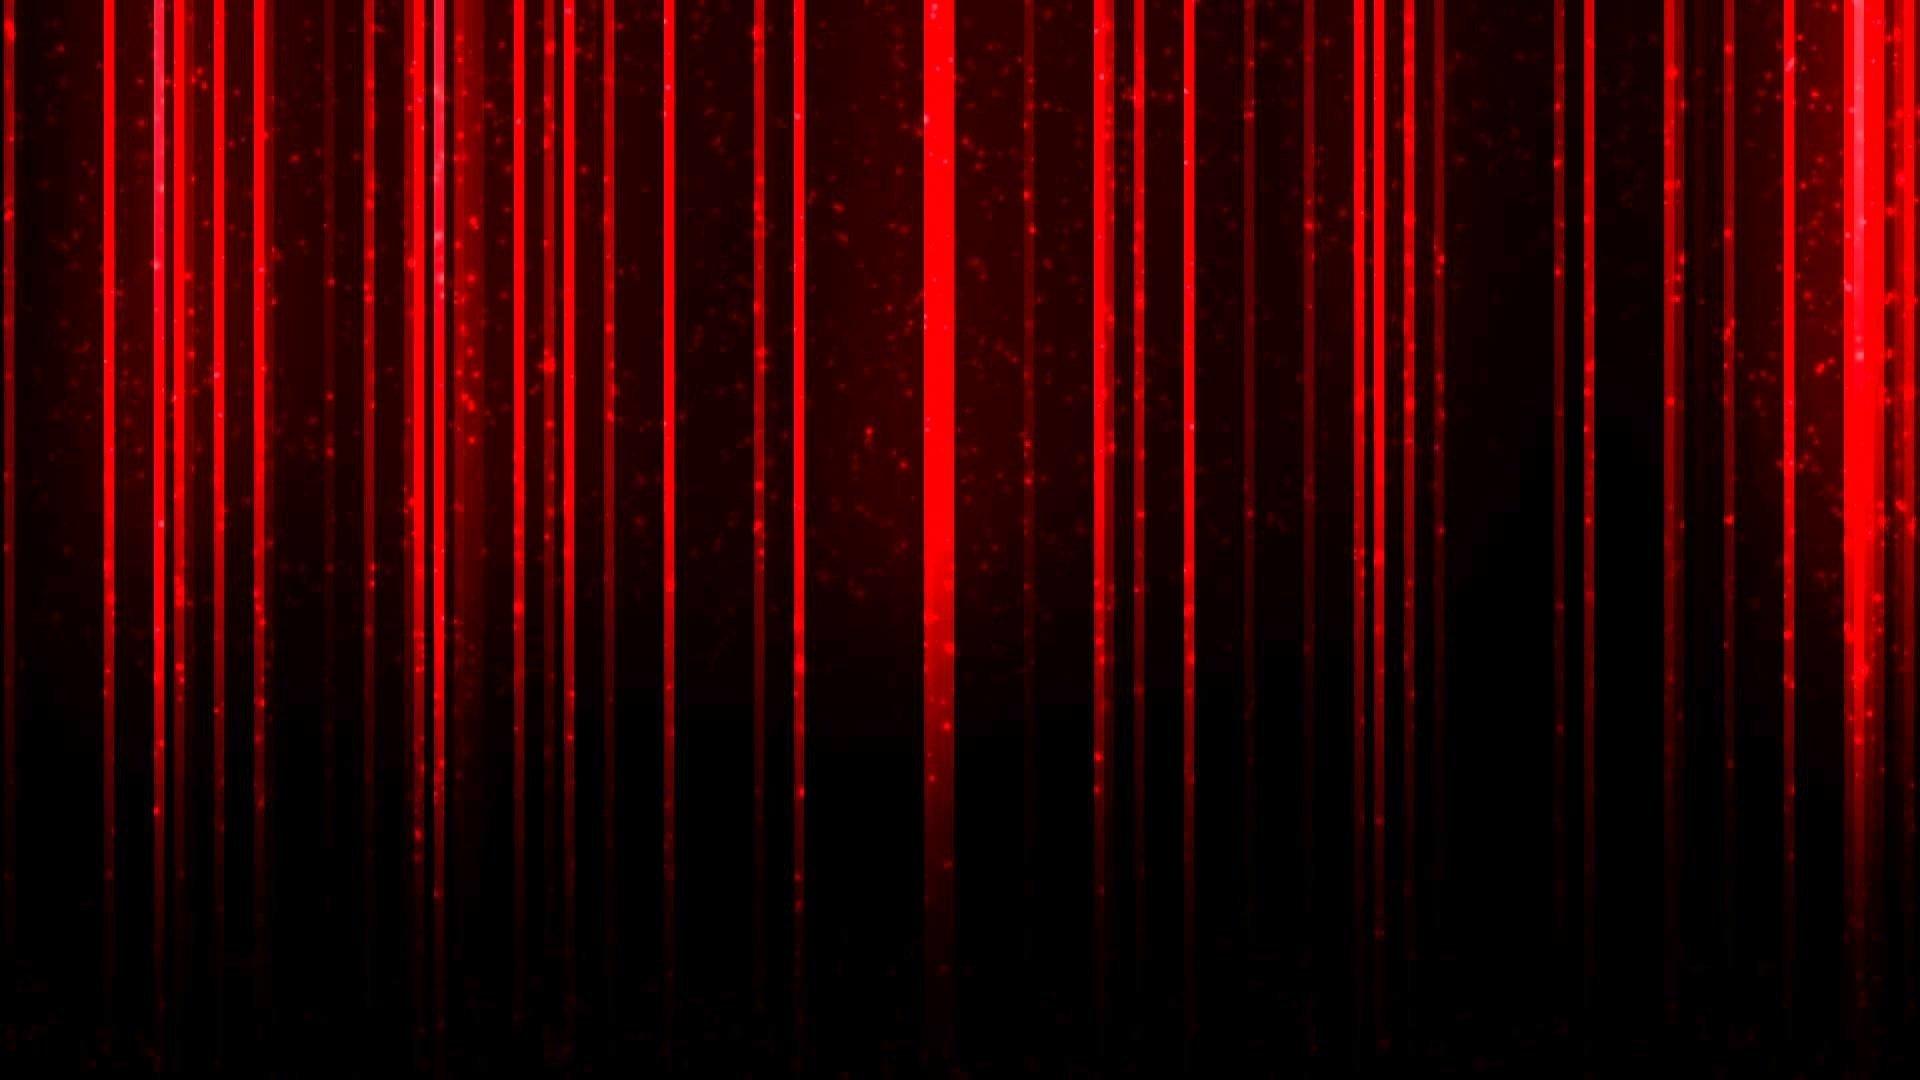 Черно красные фоны